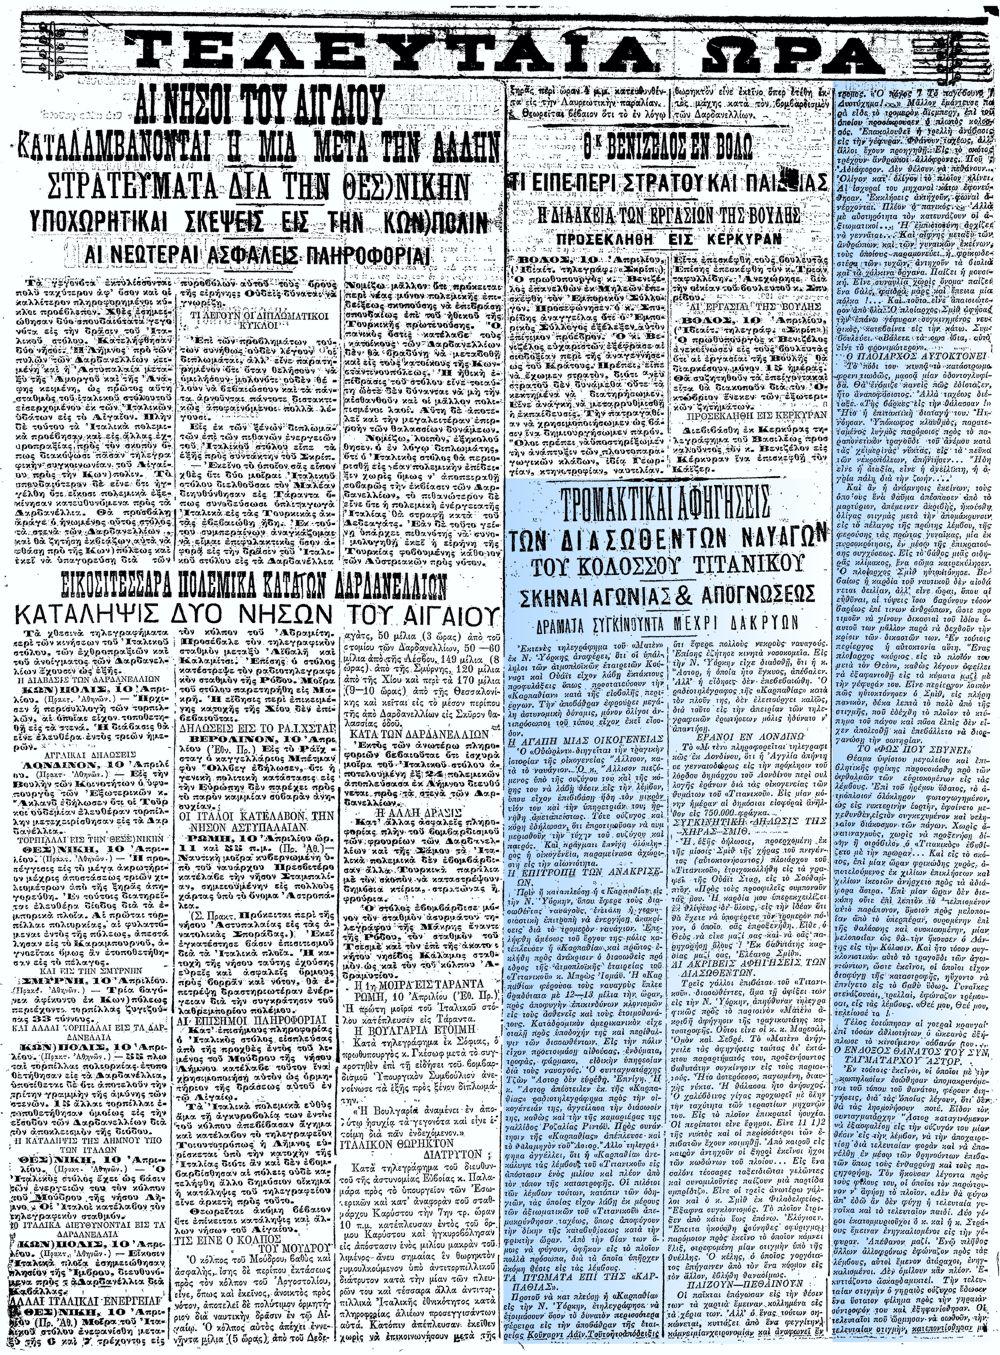 """Το άρθρο, όπως δημοσιεύθηκε στην εφημερίδα """"ΣΚΡΙΠ"""", στις 11/04/1912"""